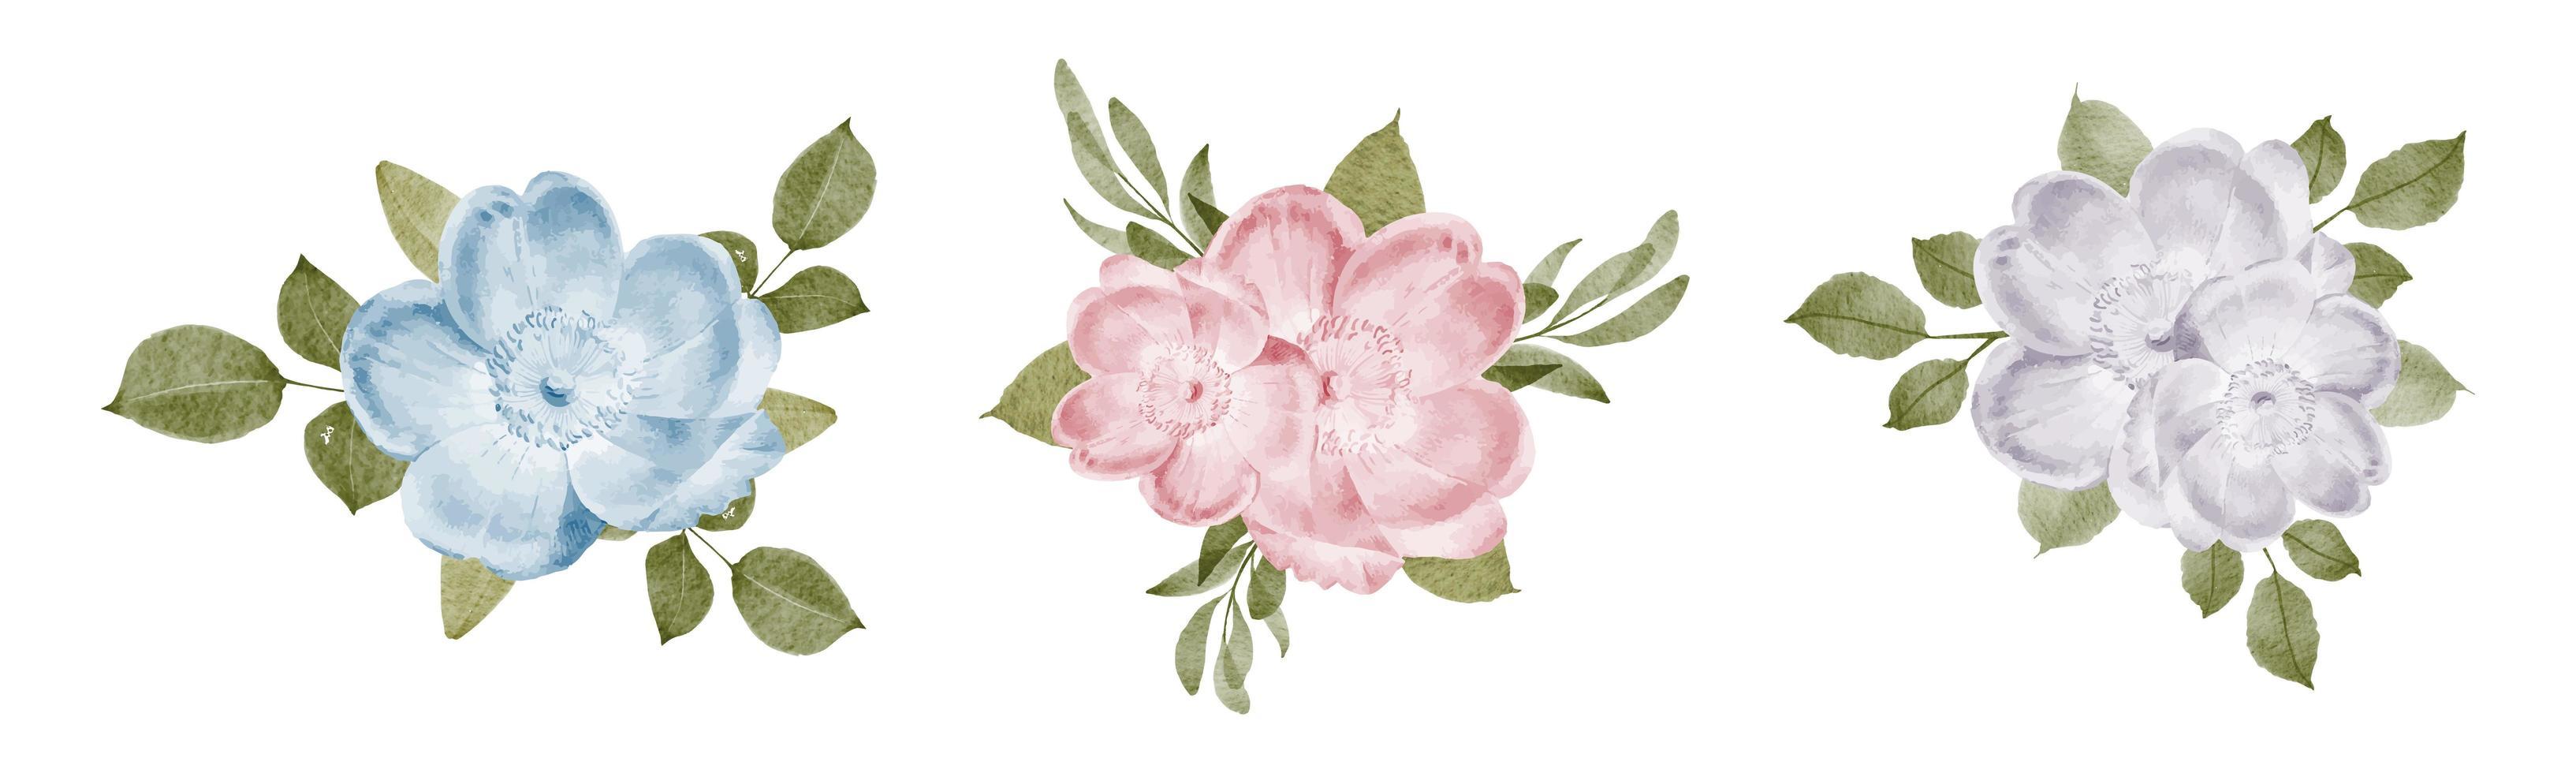 Blumenstrauß gesetzt vektor